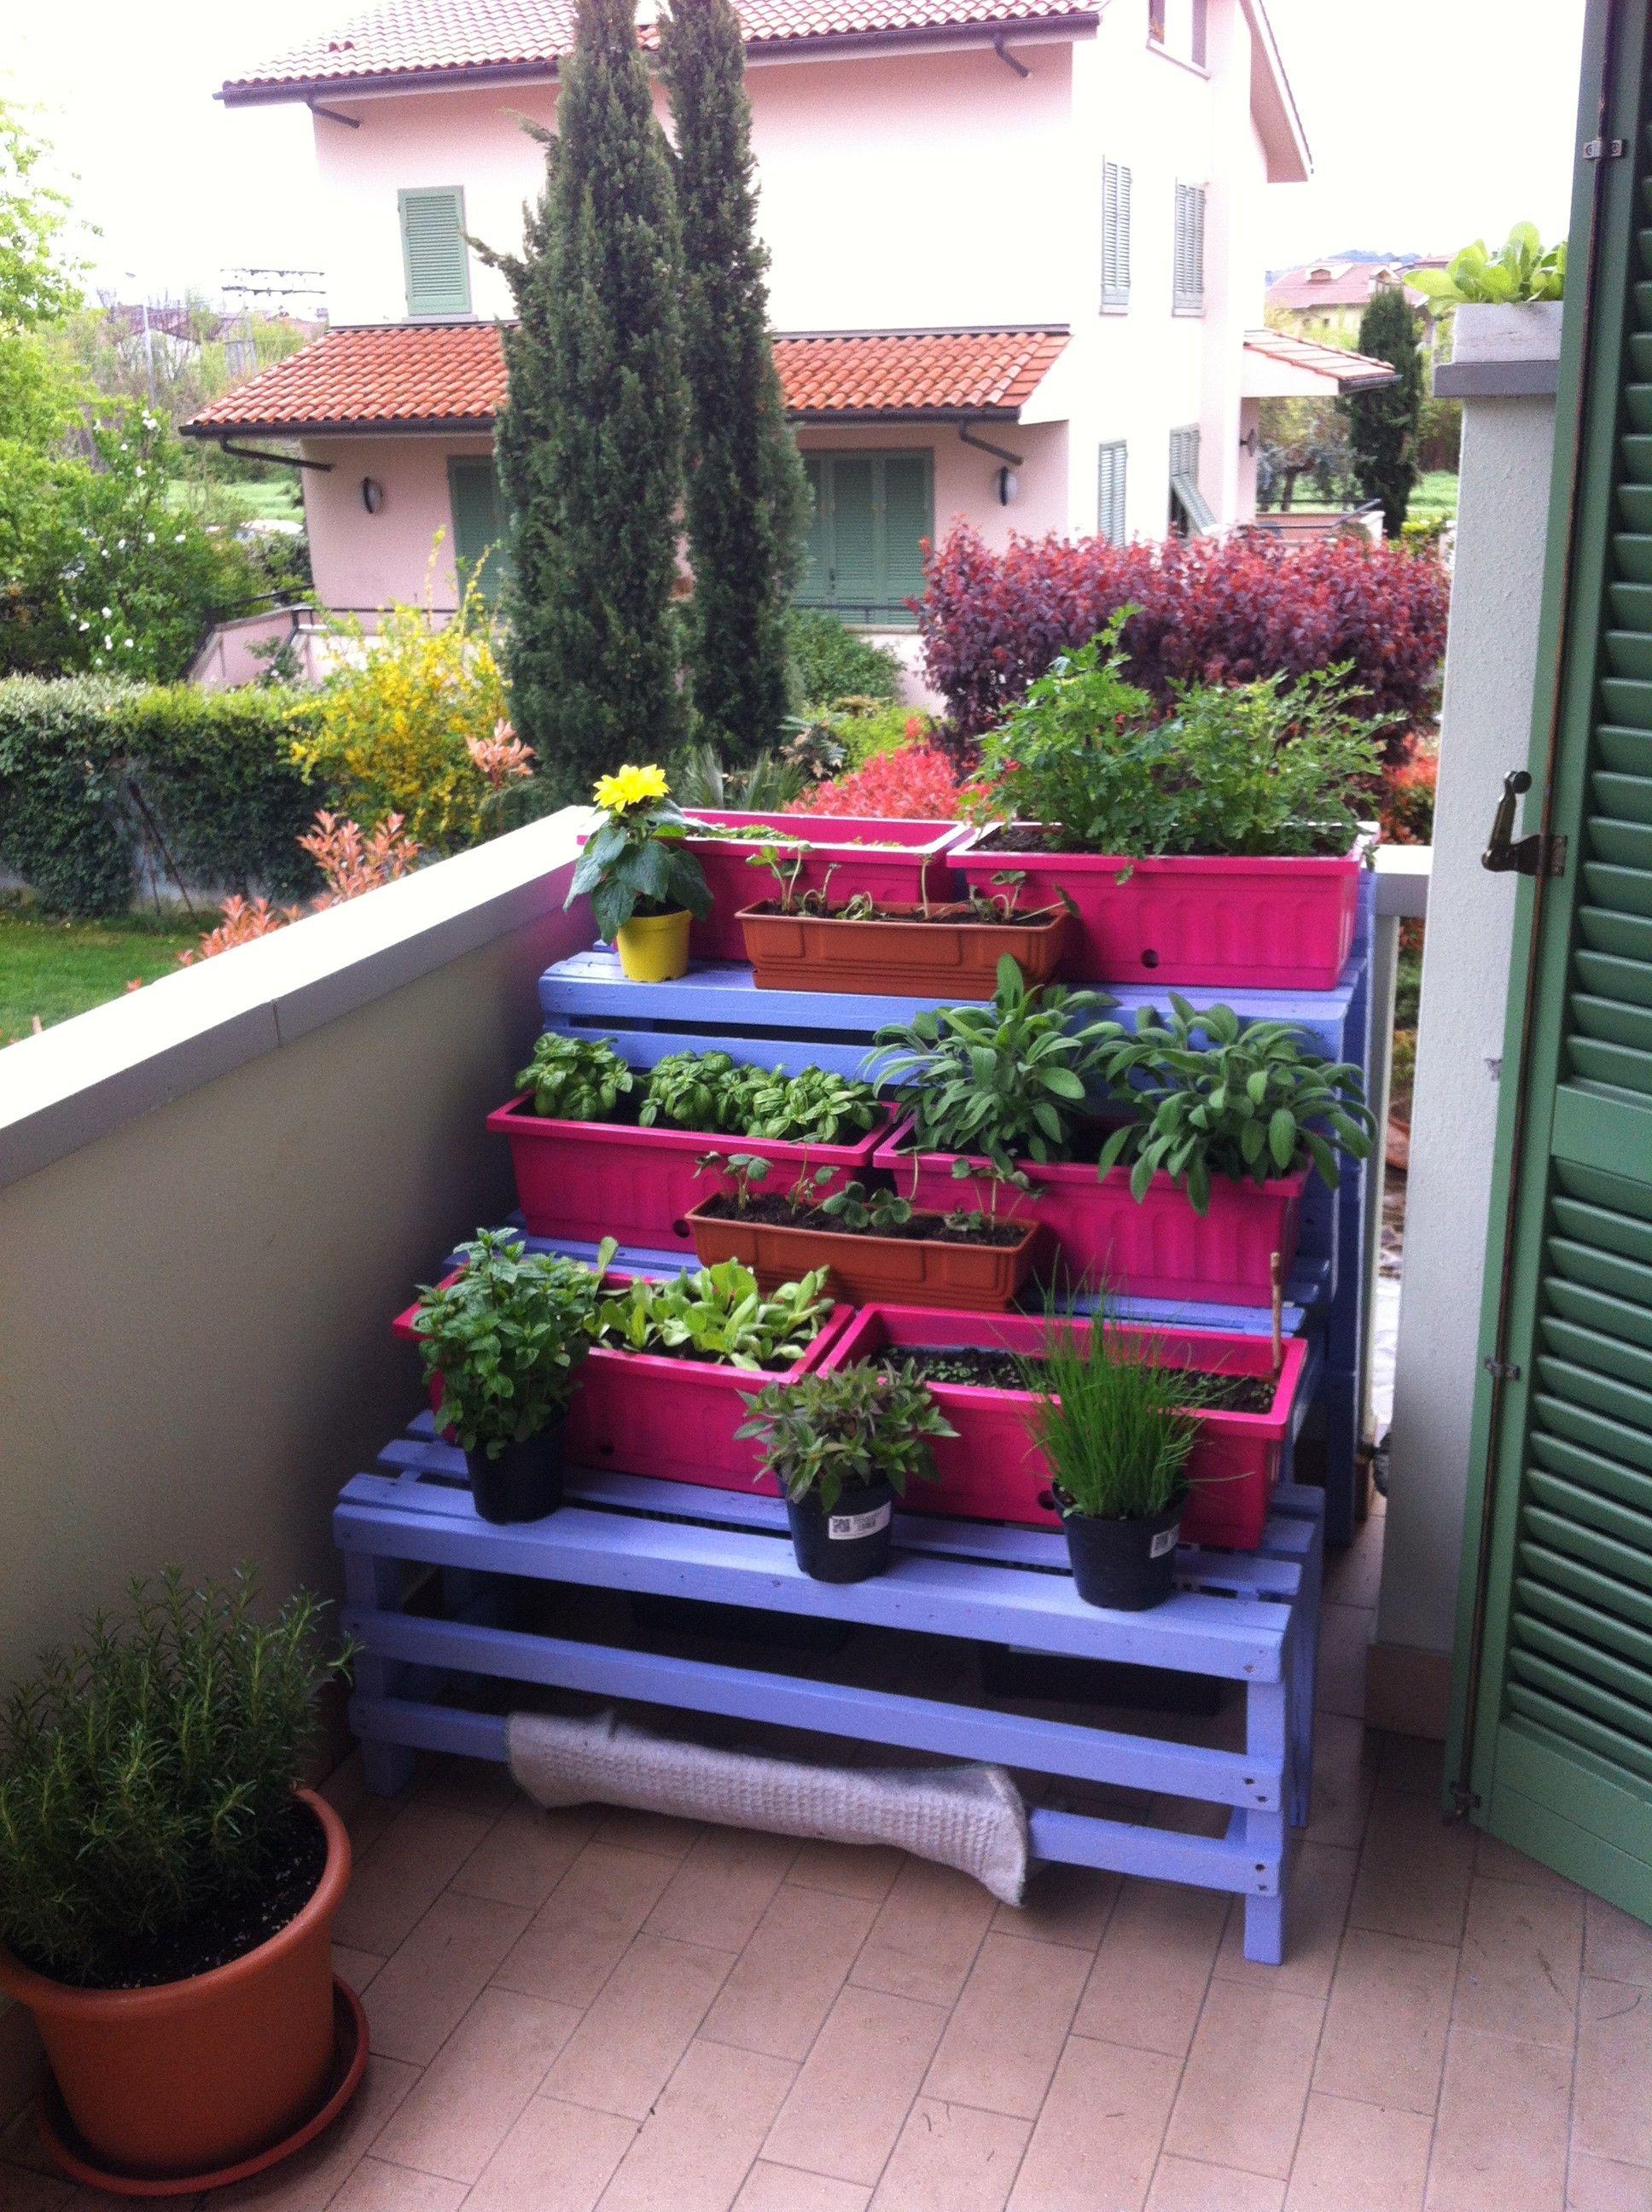 Arredi Da Balconi : Arredo balcone fai da te. Arredamento da ...